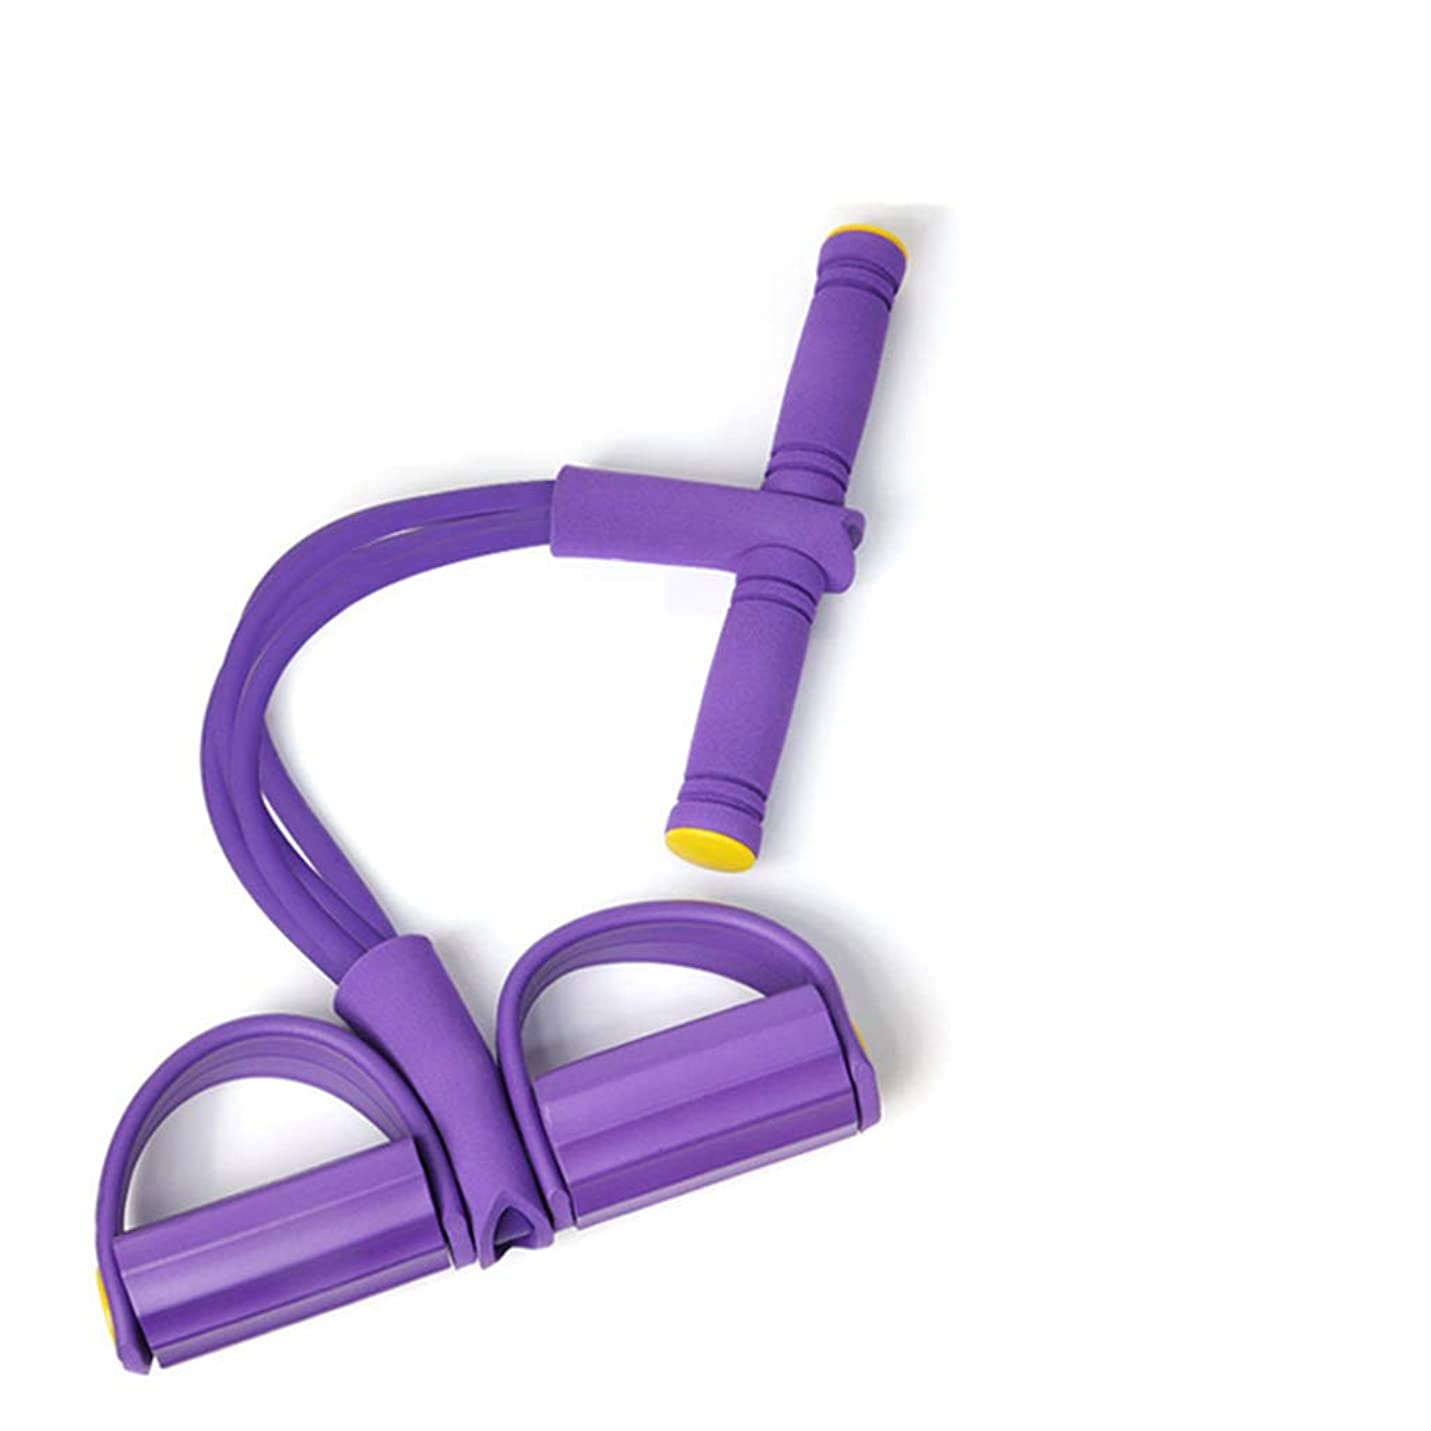 鳴り響く利益空中抵抗バンド装置シットアッププラー、減量ウエスト腹部ヨガトレーニング整形練習腕/脚/肩/腹部オフィスエクササイズ,Purple